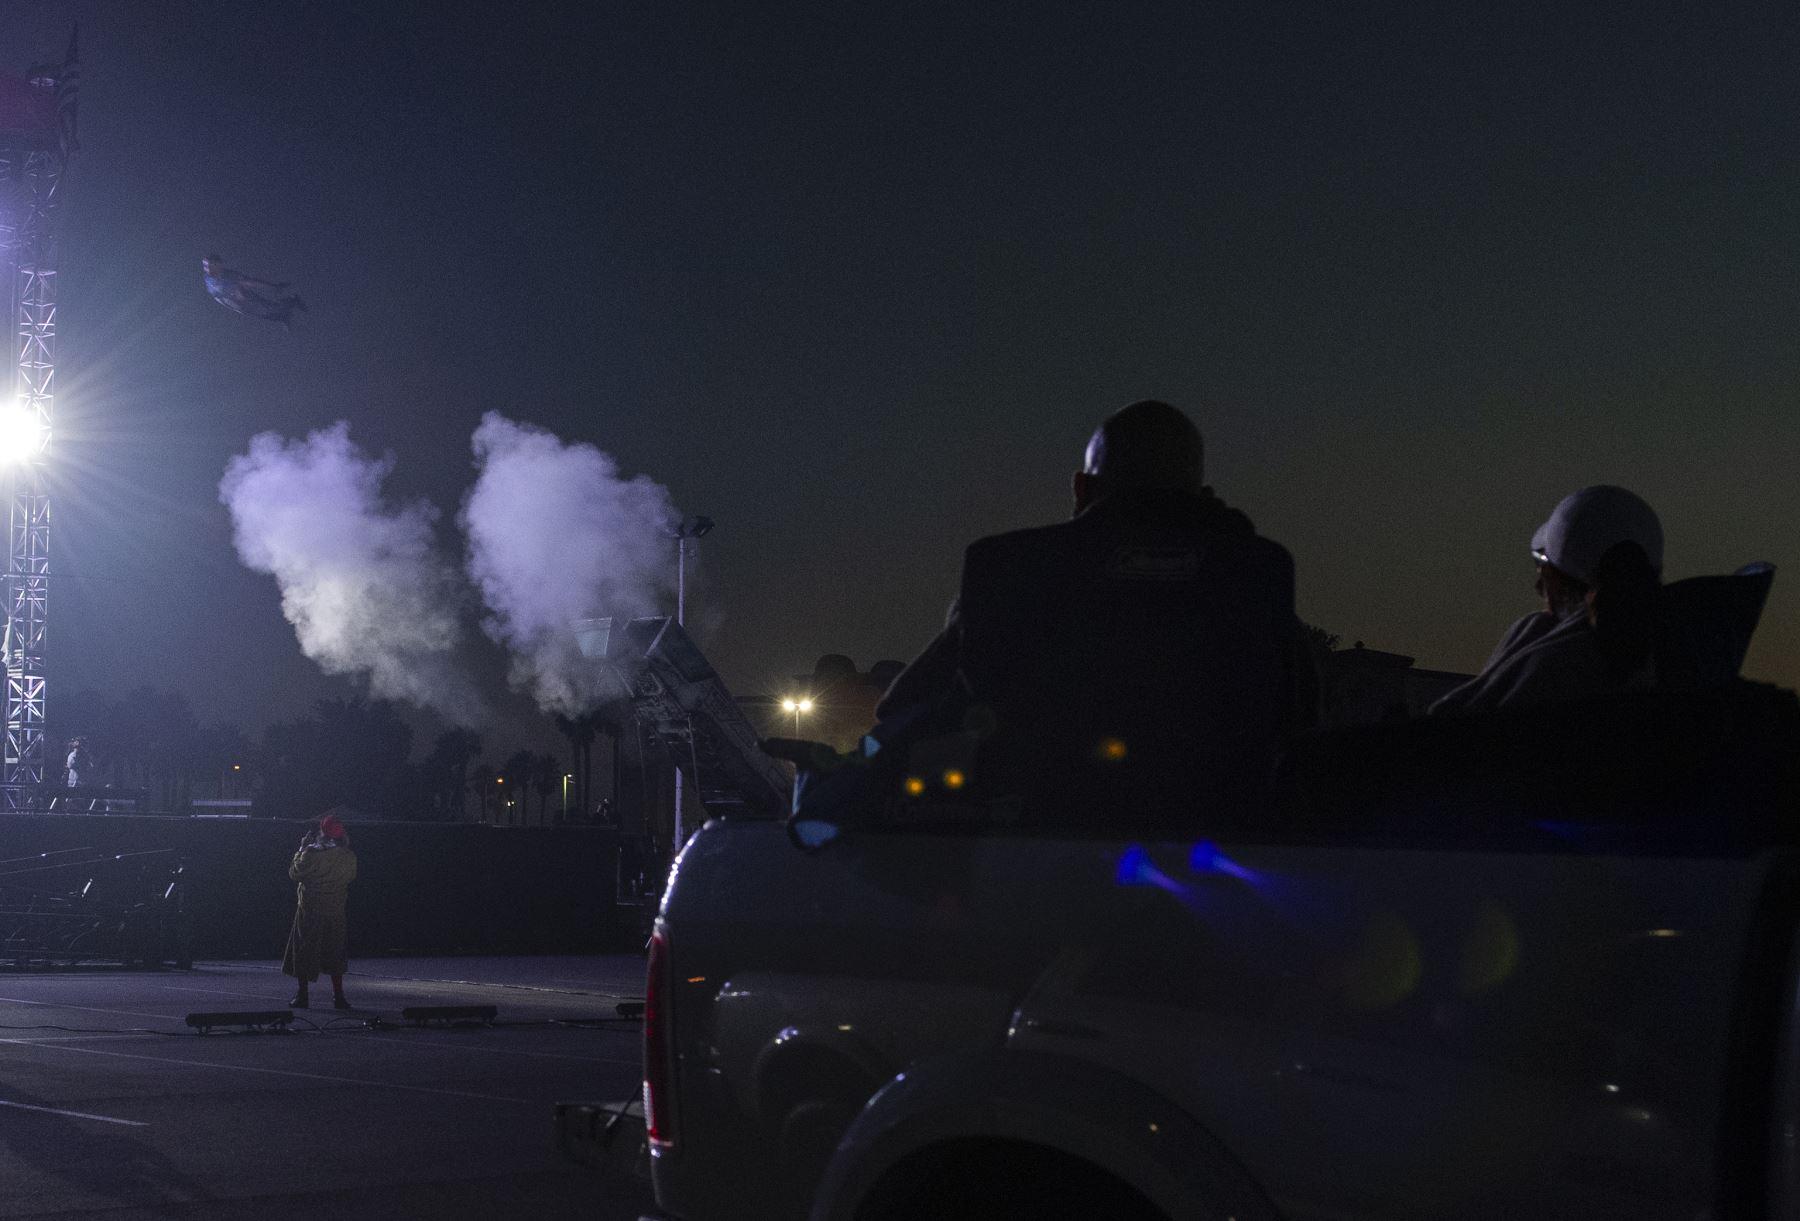 Los asistentes observan a un artista del circo Zoppe  realizar un acto de bala de cañón humano durante el evento de conducción en vivo